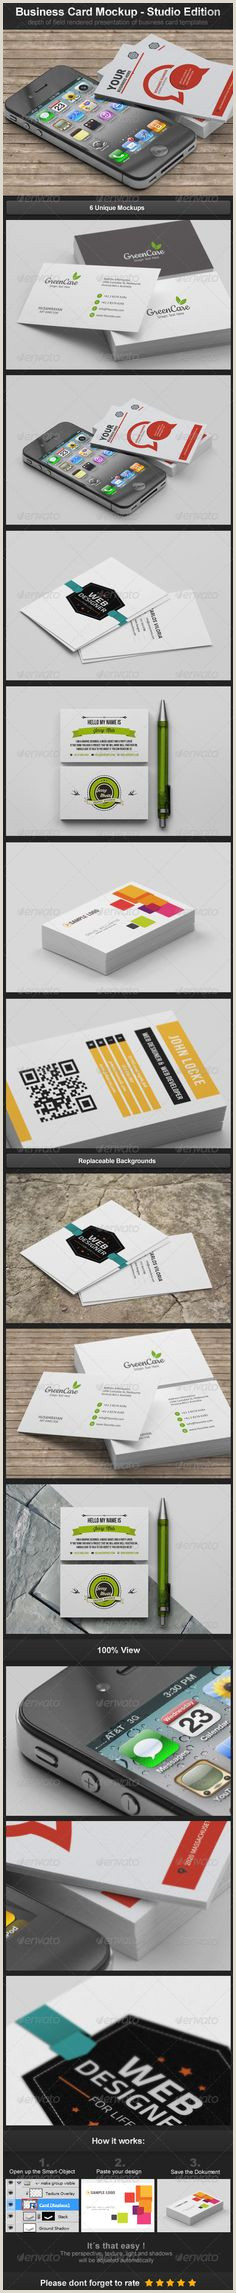 Bisnes Cards 20 Business Card Mockups Ideas